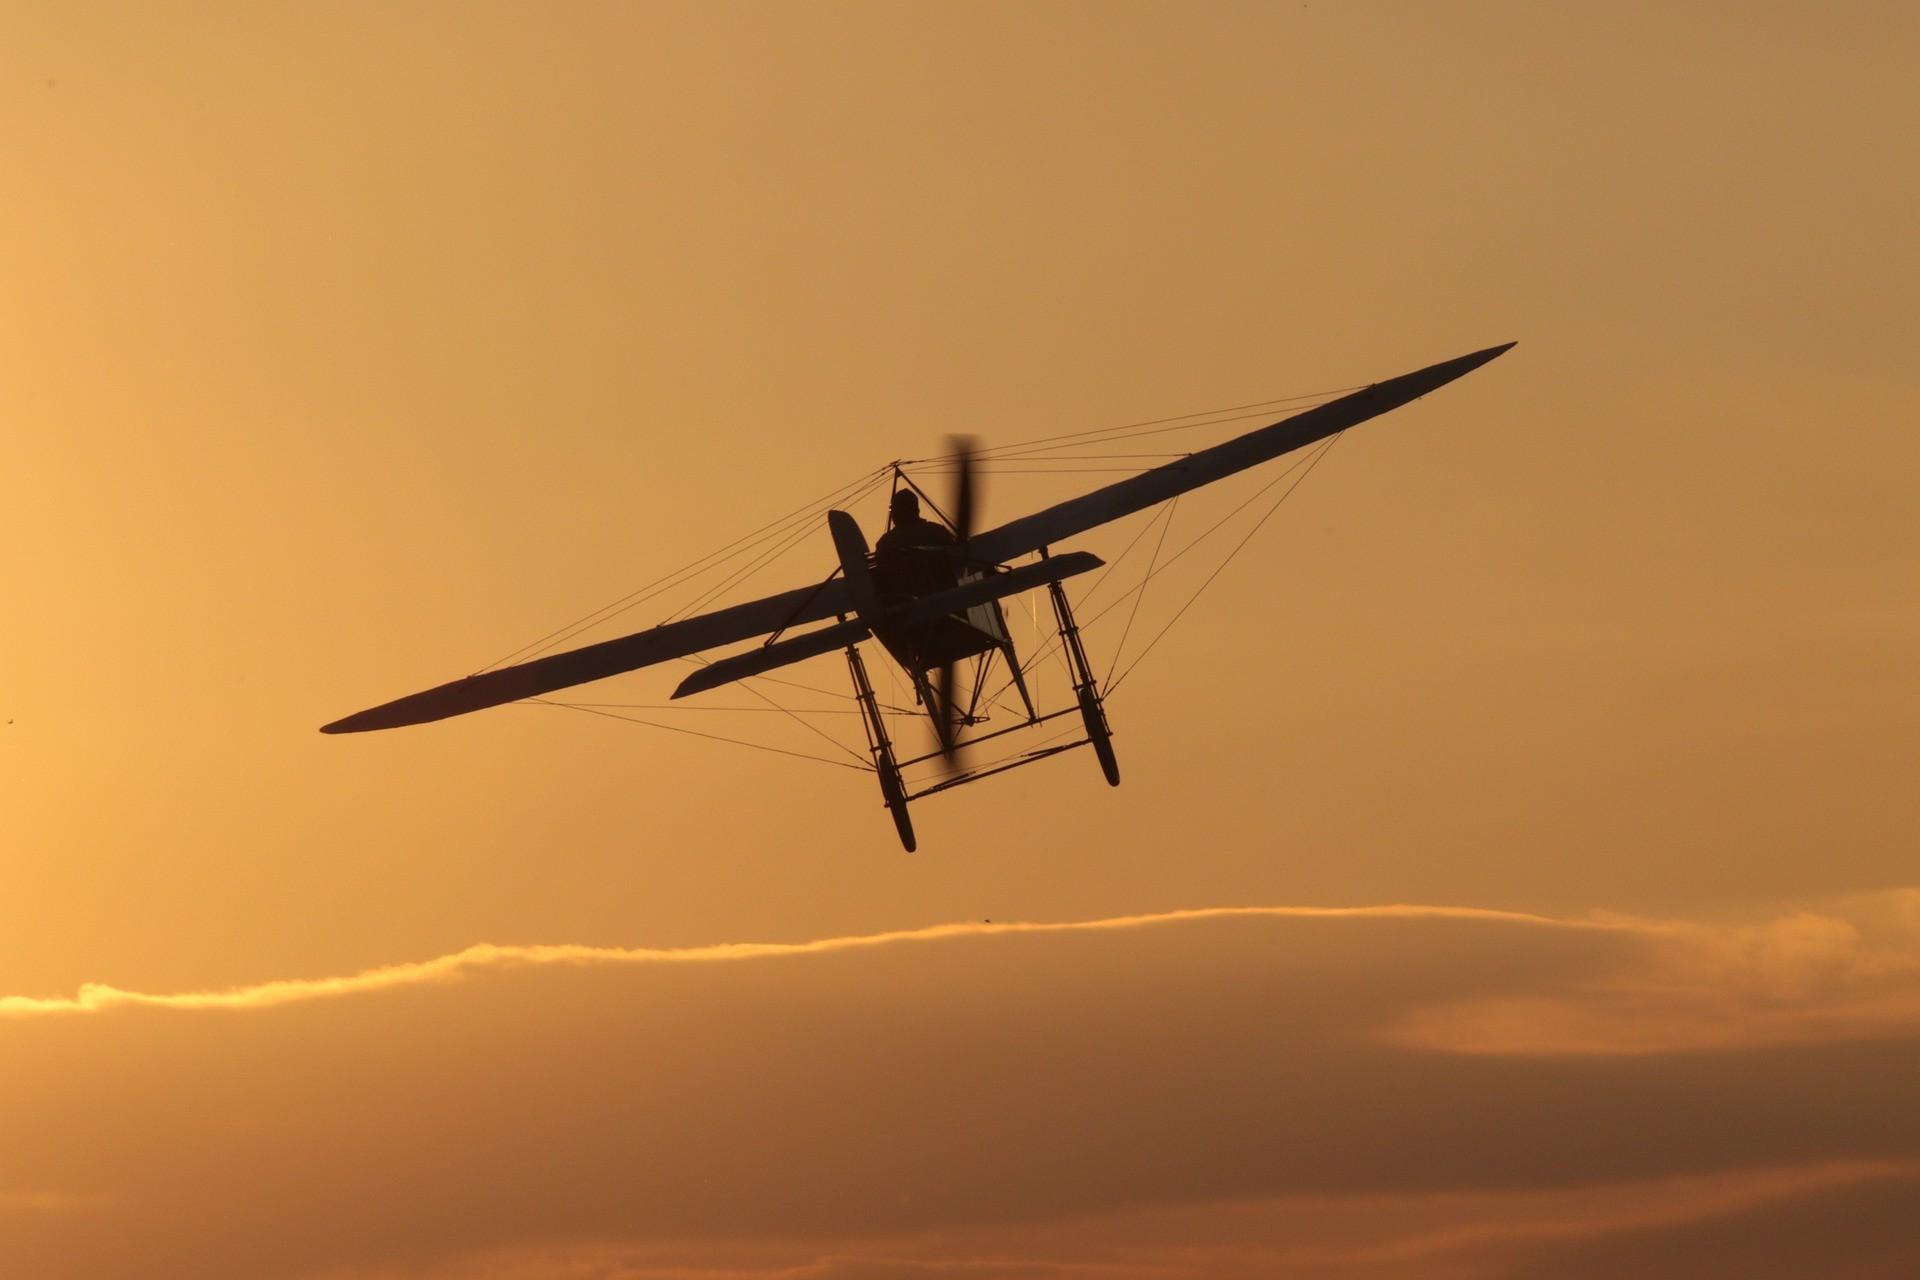 sunset light aircraft